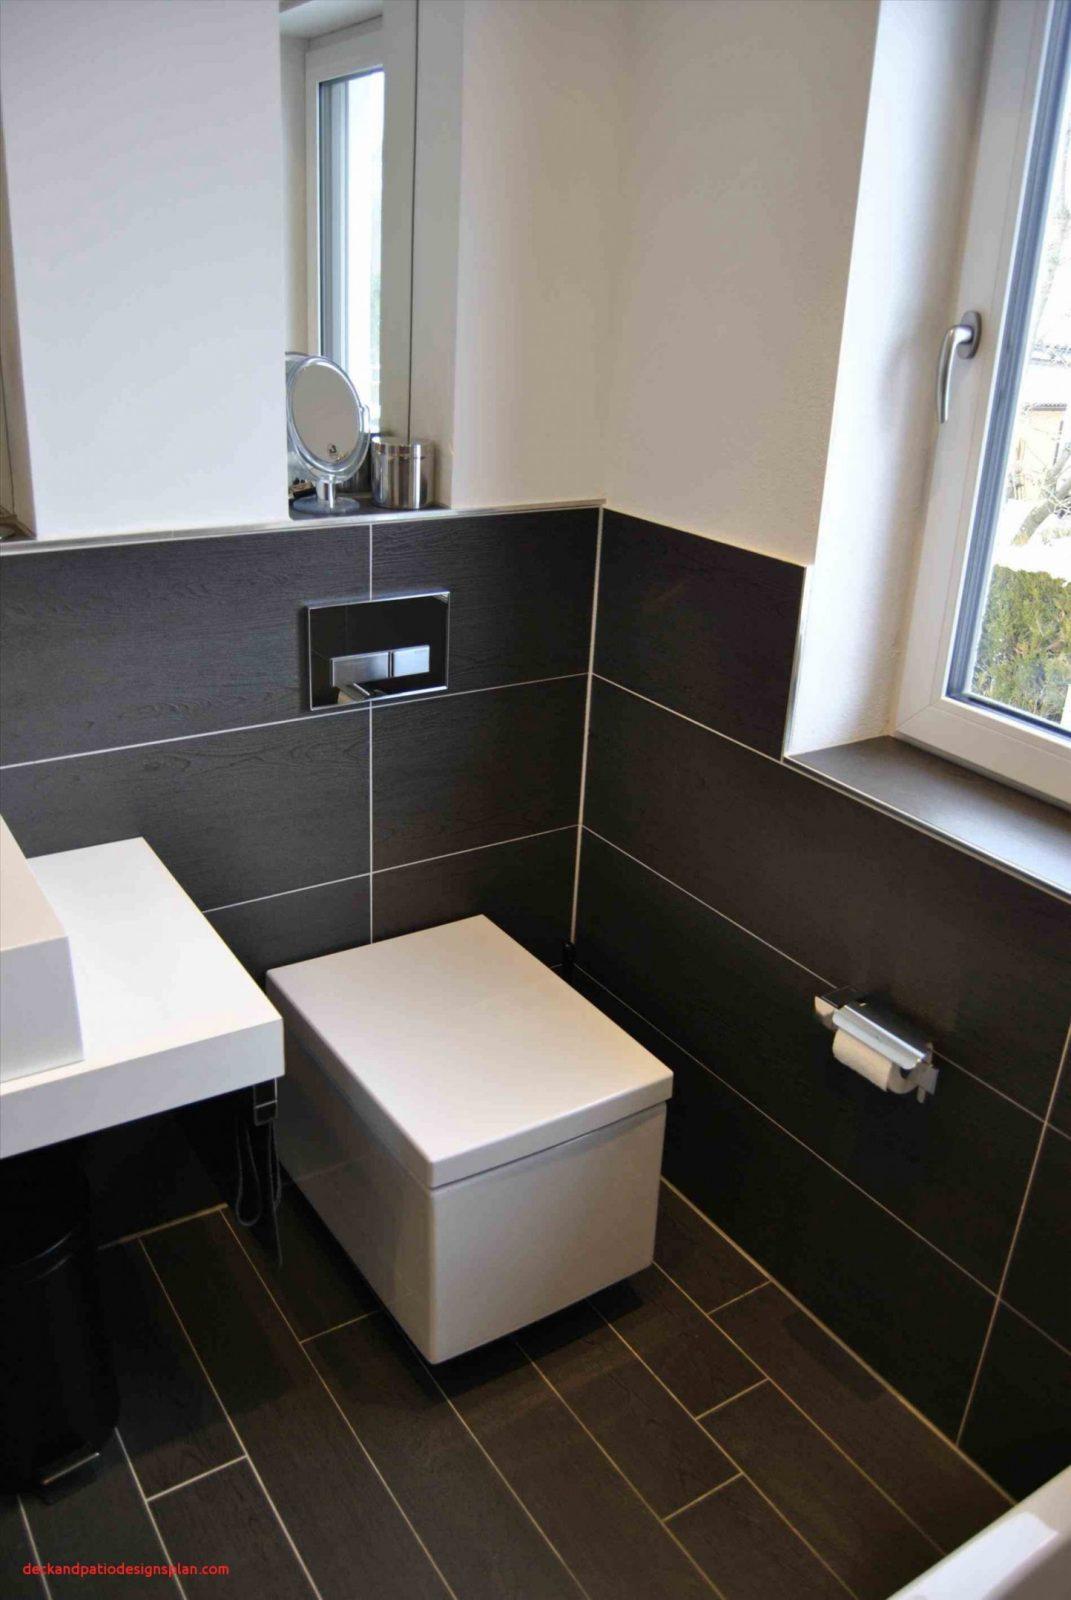 Fliesen Bad Überkleben — Temobardz Home Blog von Fliesen Mit Pvc Überkleben Bild